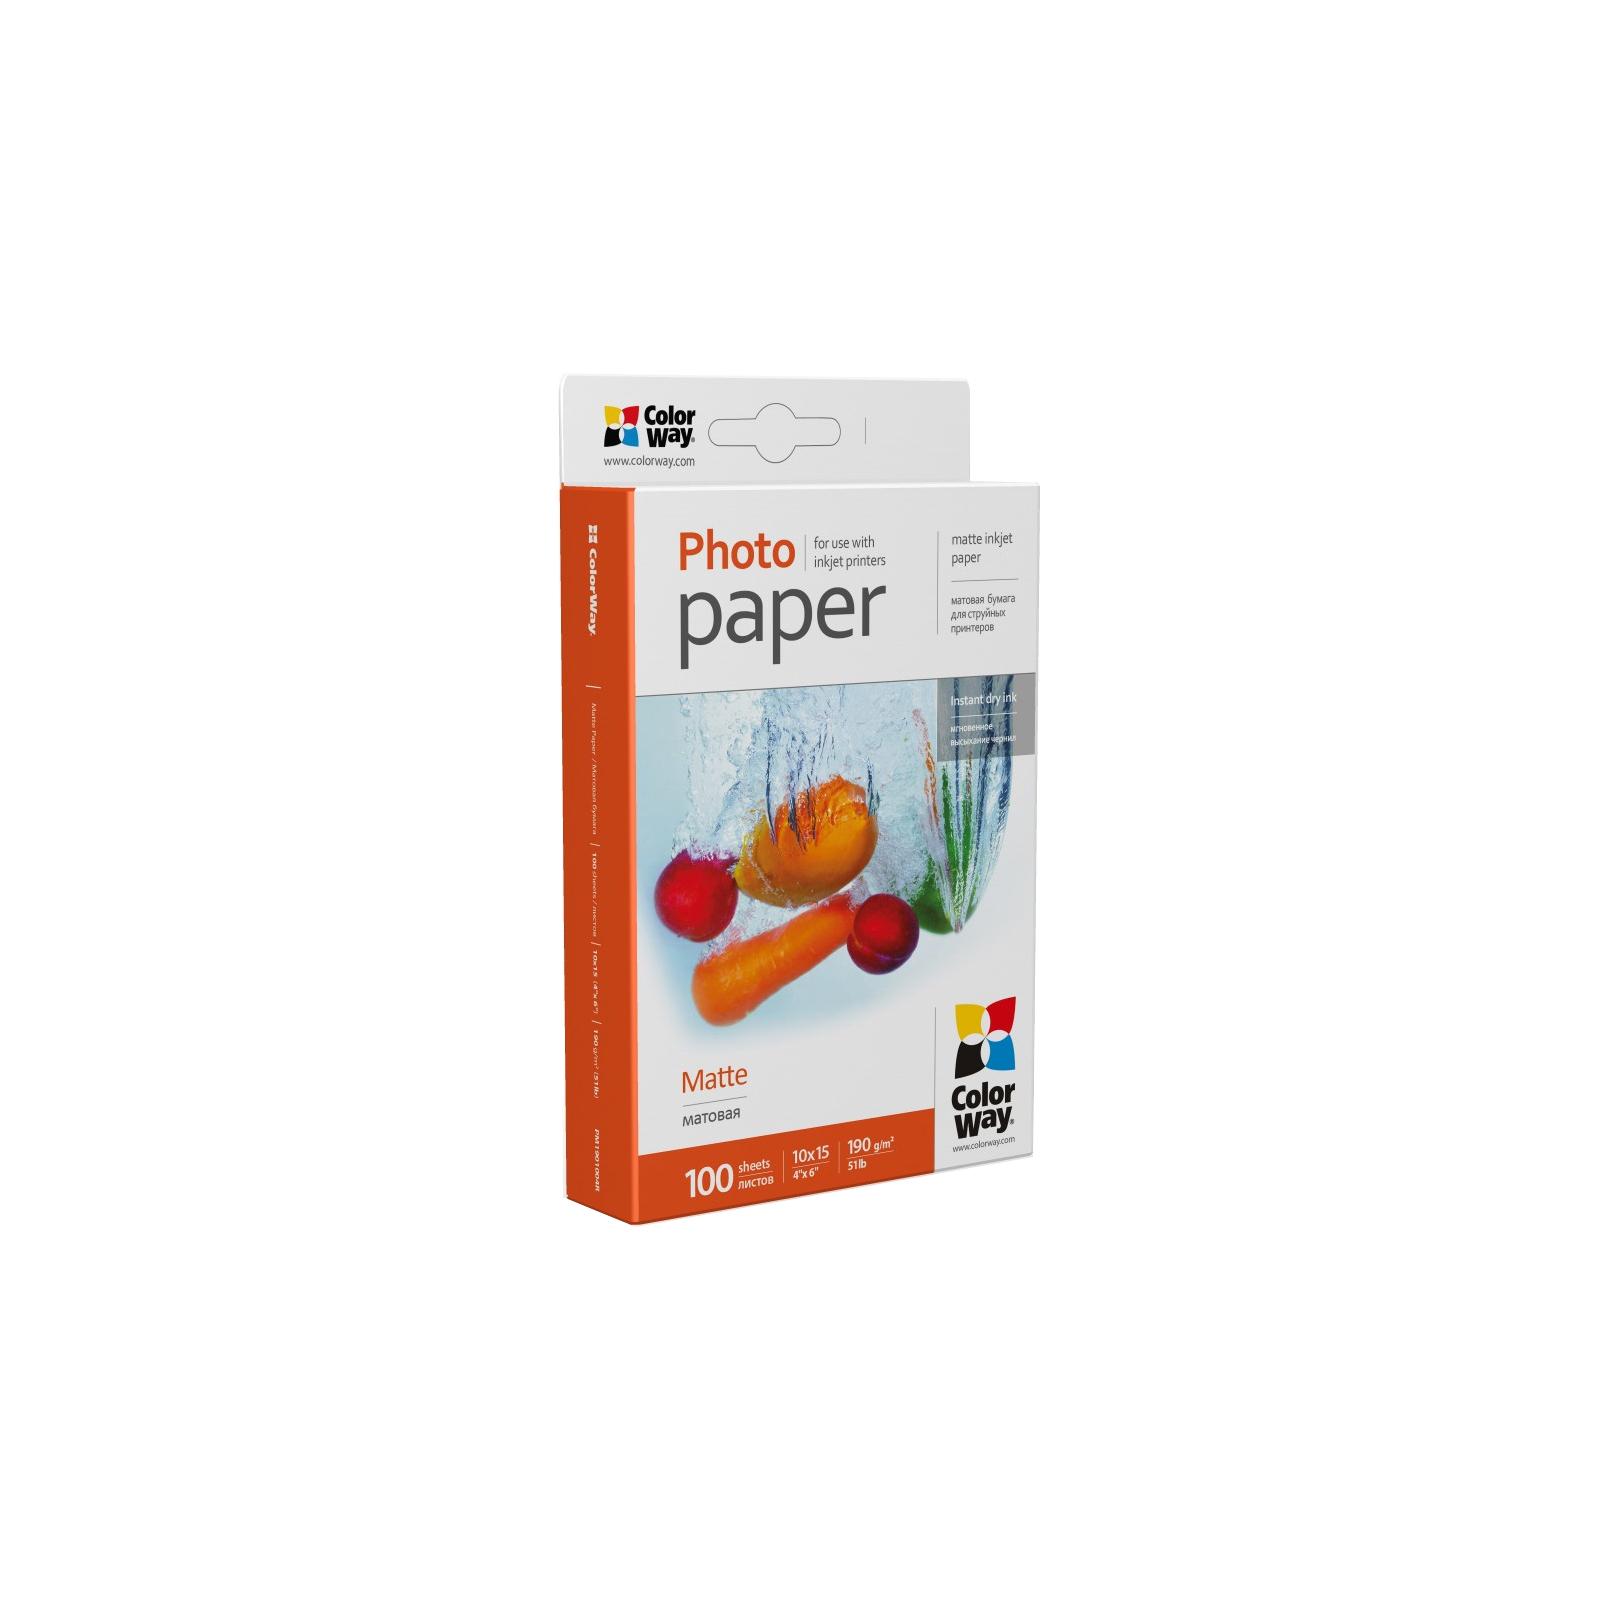 Бумага Colorway 10x15 (PM1901004R) изображение 2